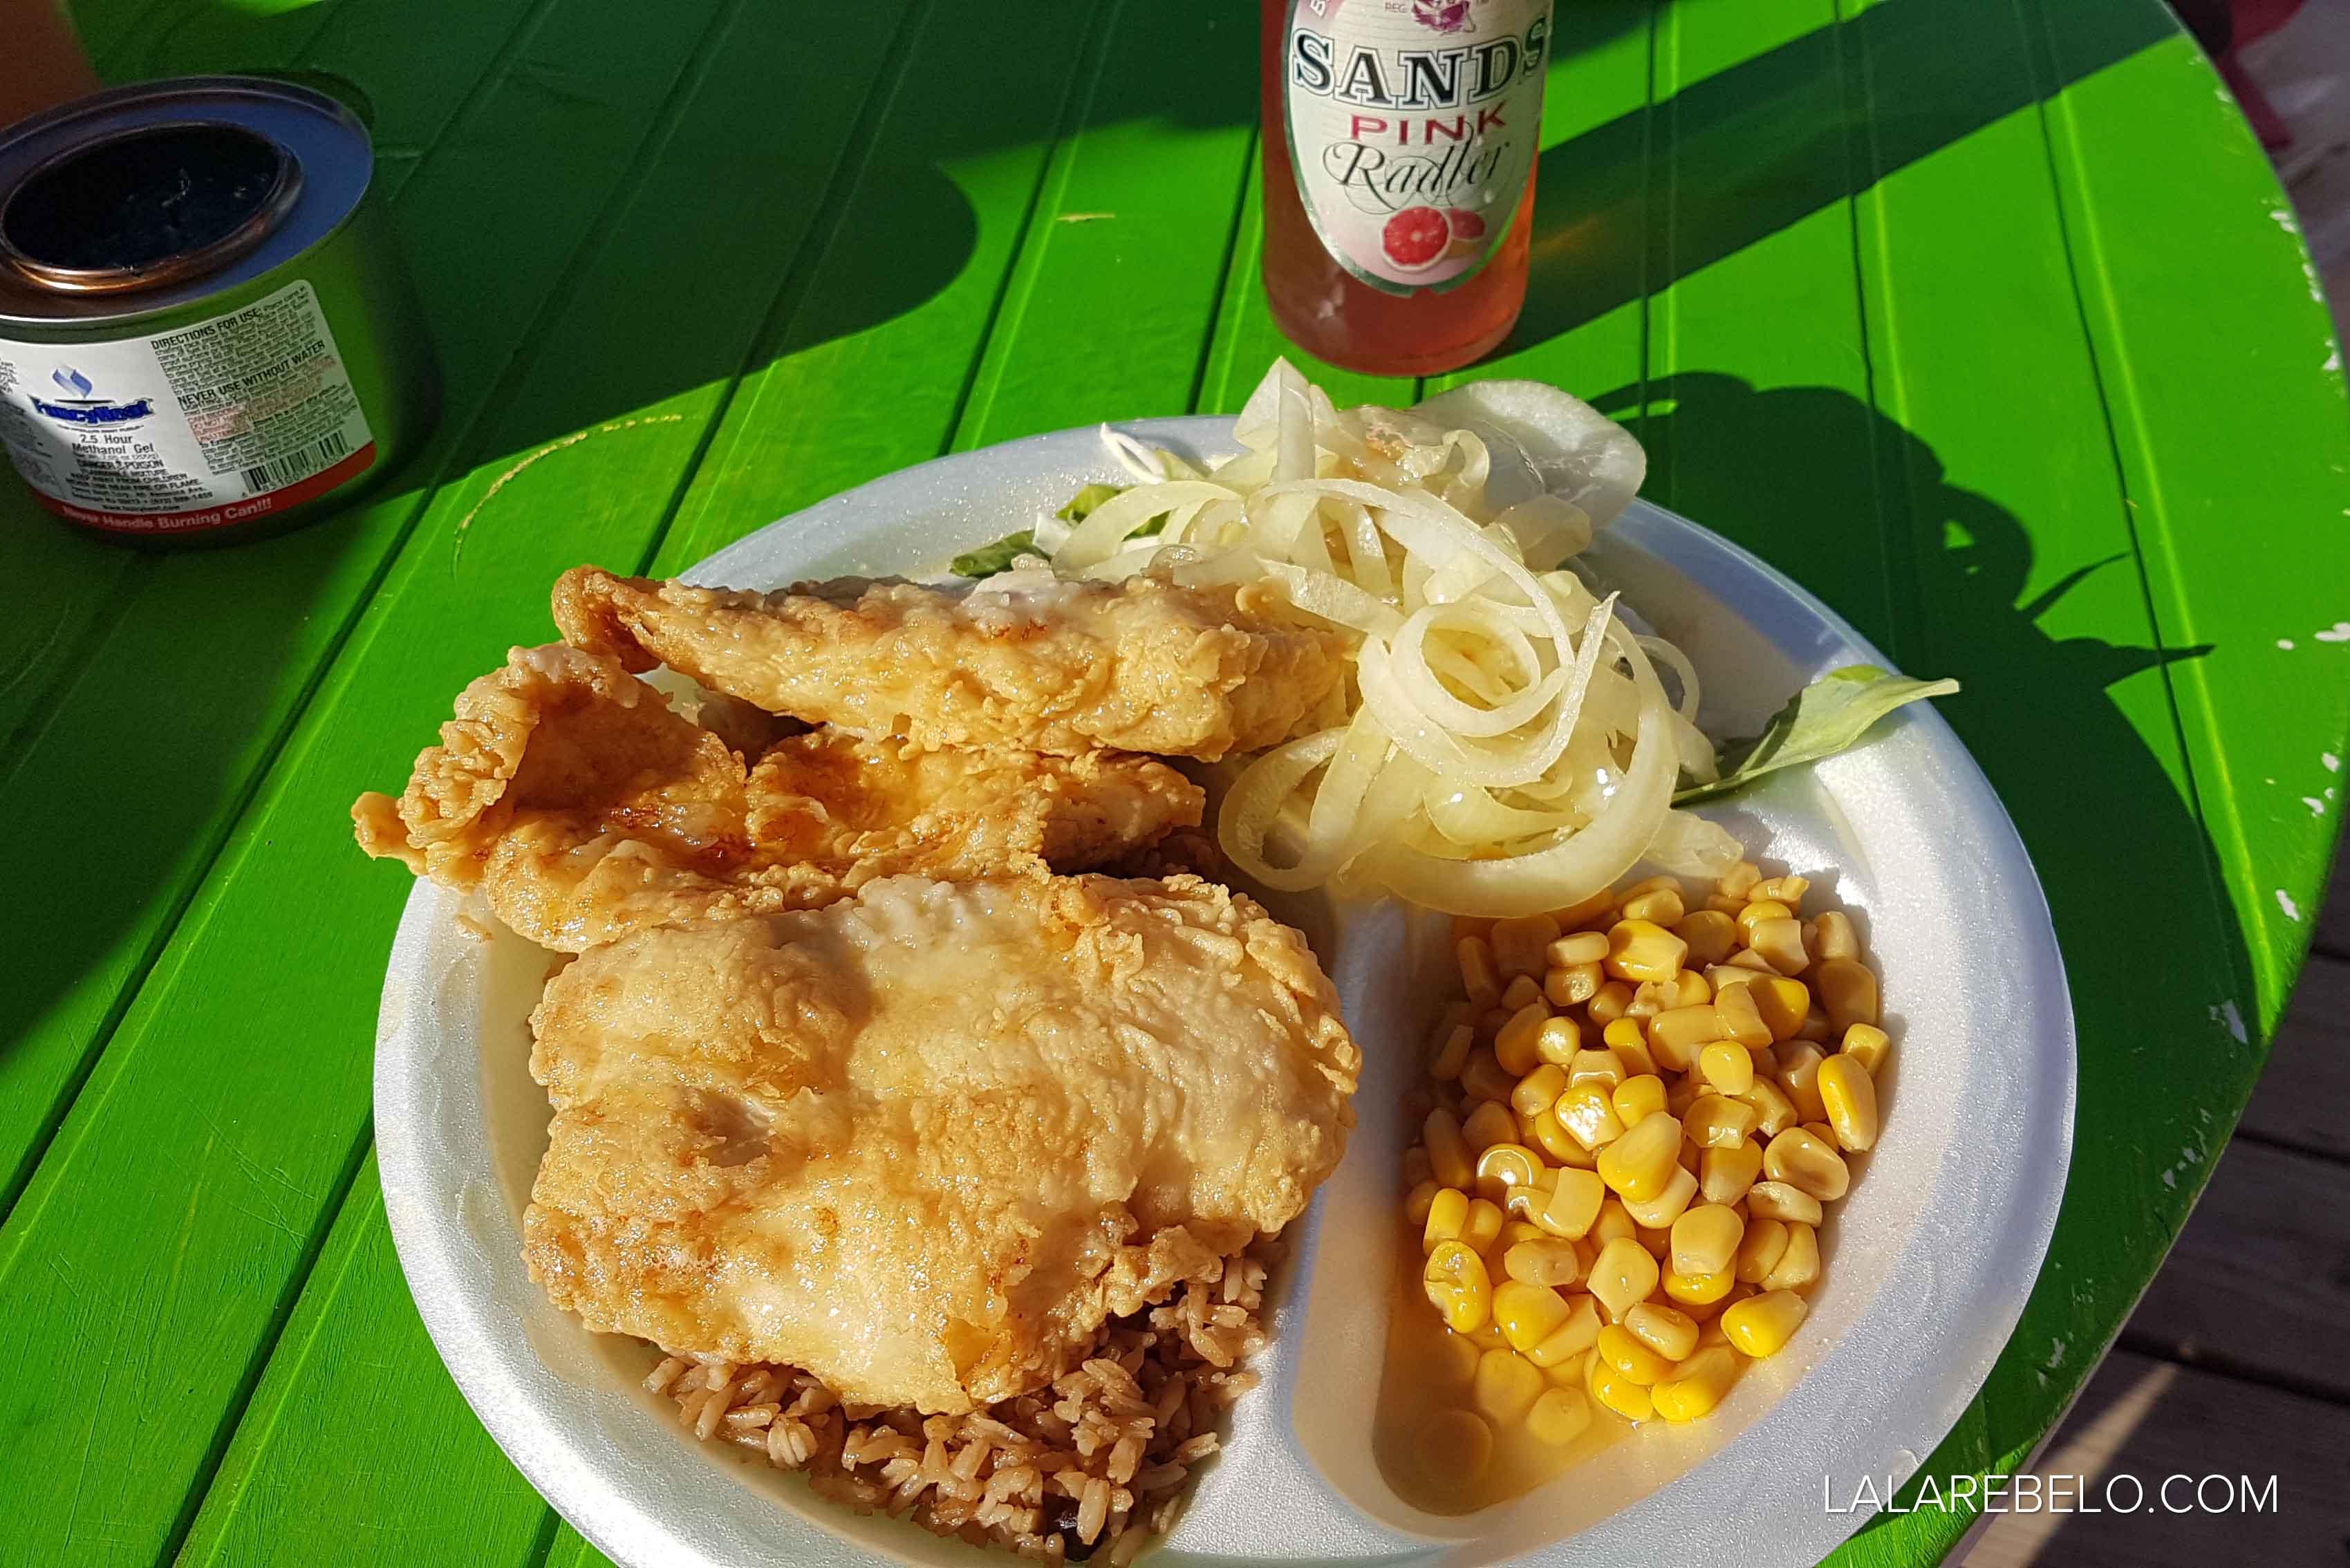 Prato típico bahamense de peixe frito e rice n' peas | Santanna's Restaurant - Little Exuma - Bahamas